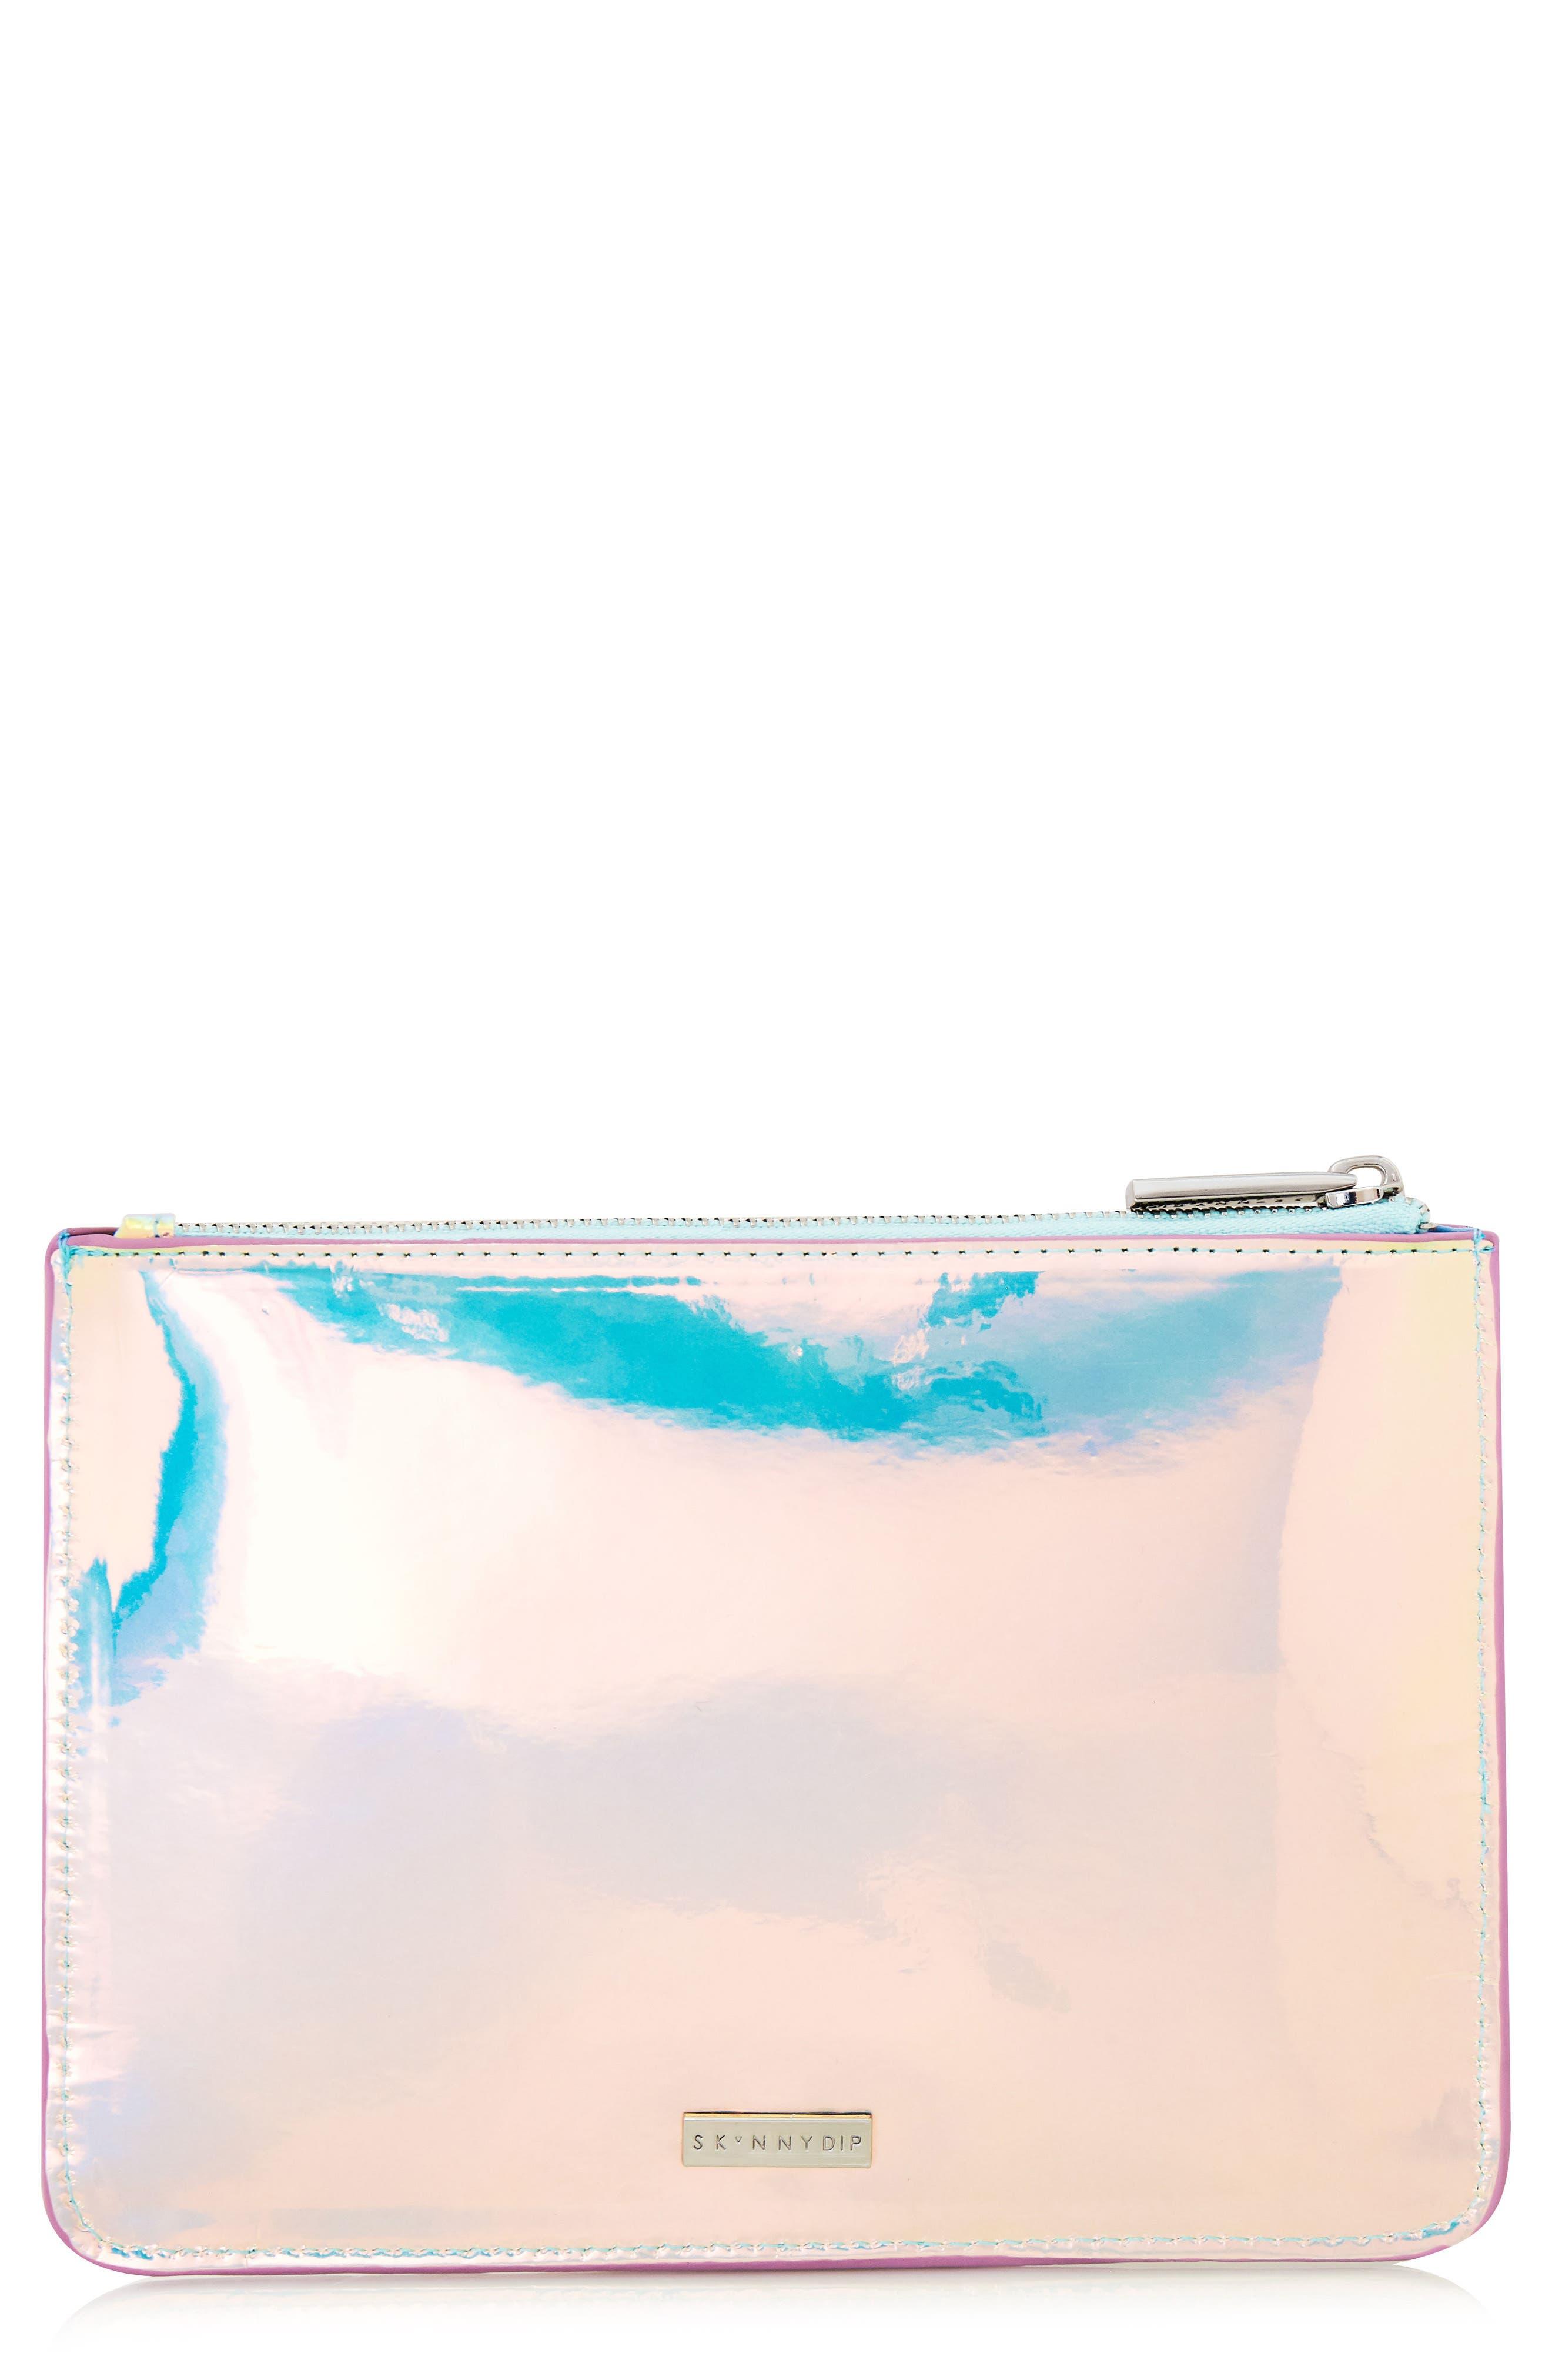 Skinny Dip Ocean Makeup Bag